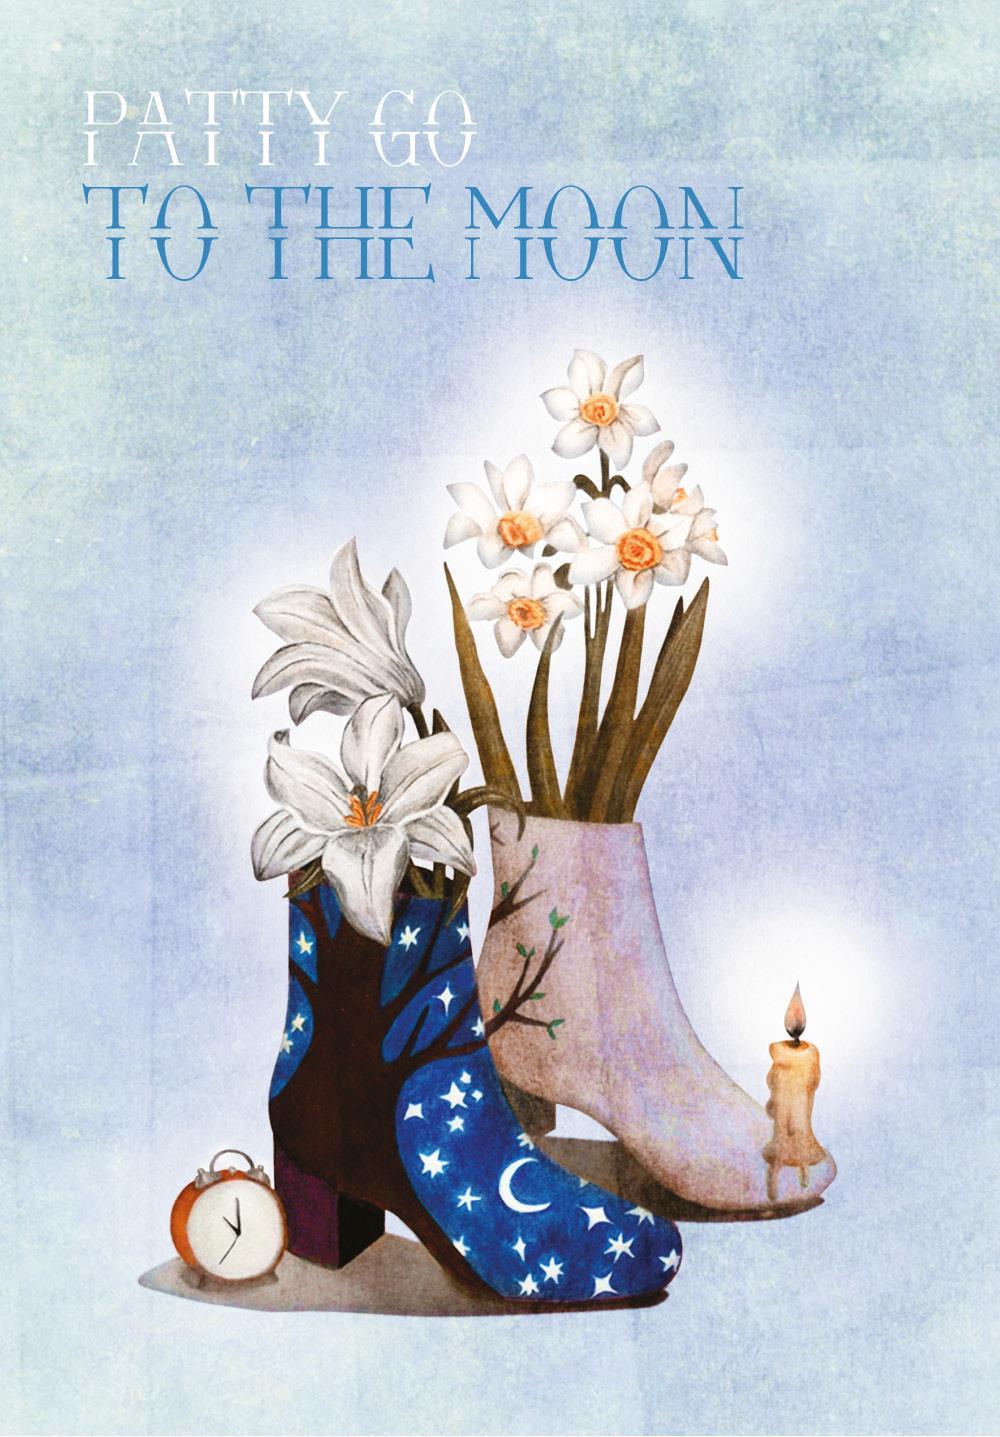 Pat Iorio Autobiografia degli Undici Passi Patty Go To The Moon